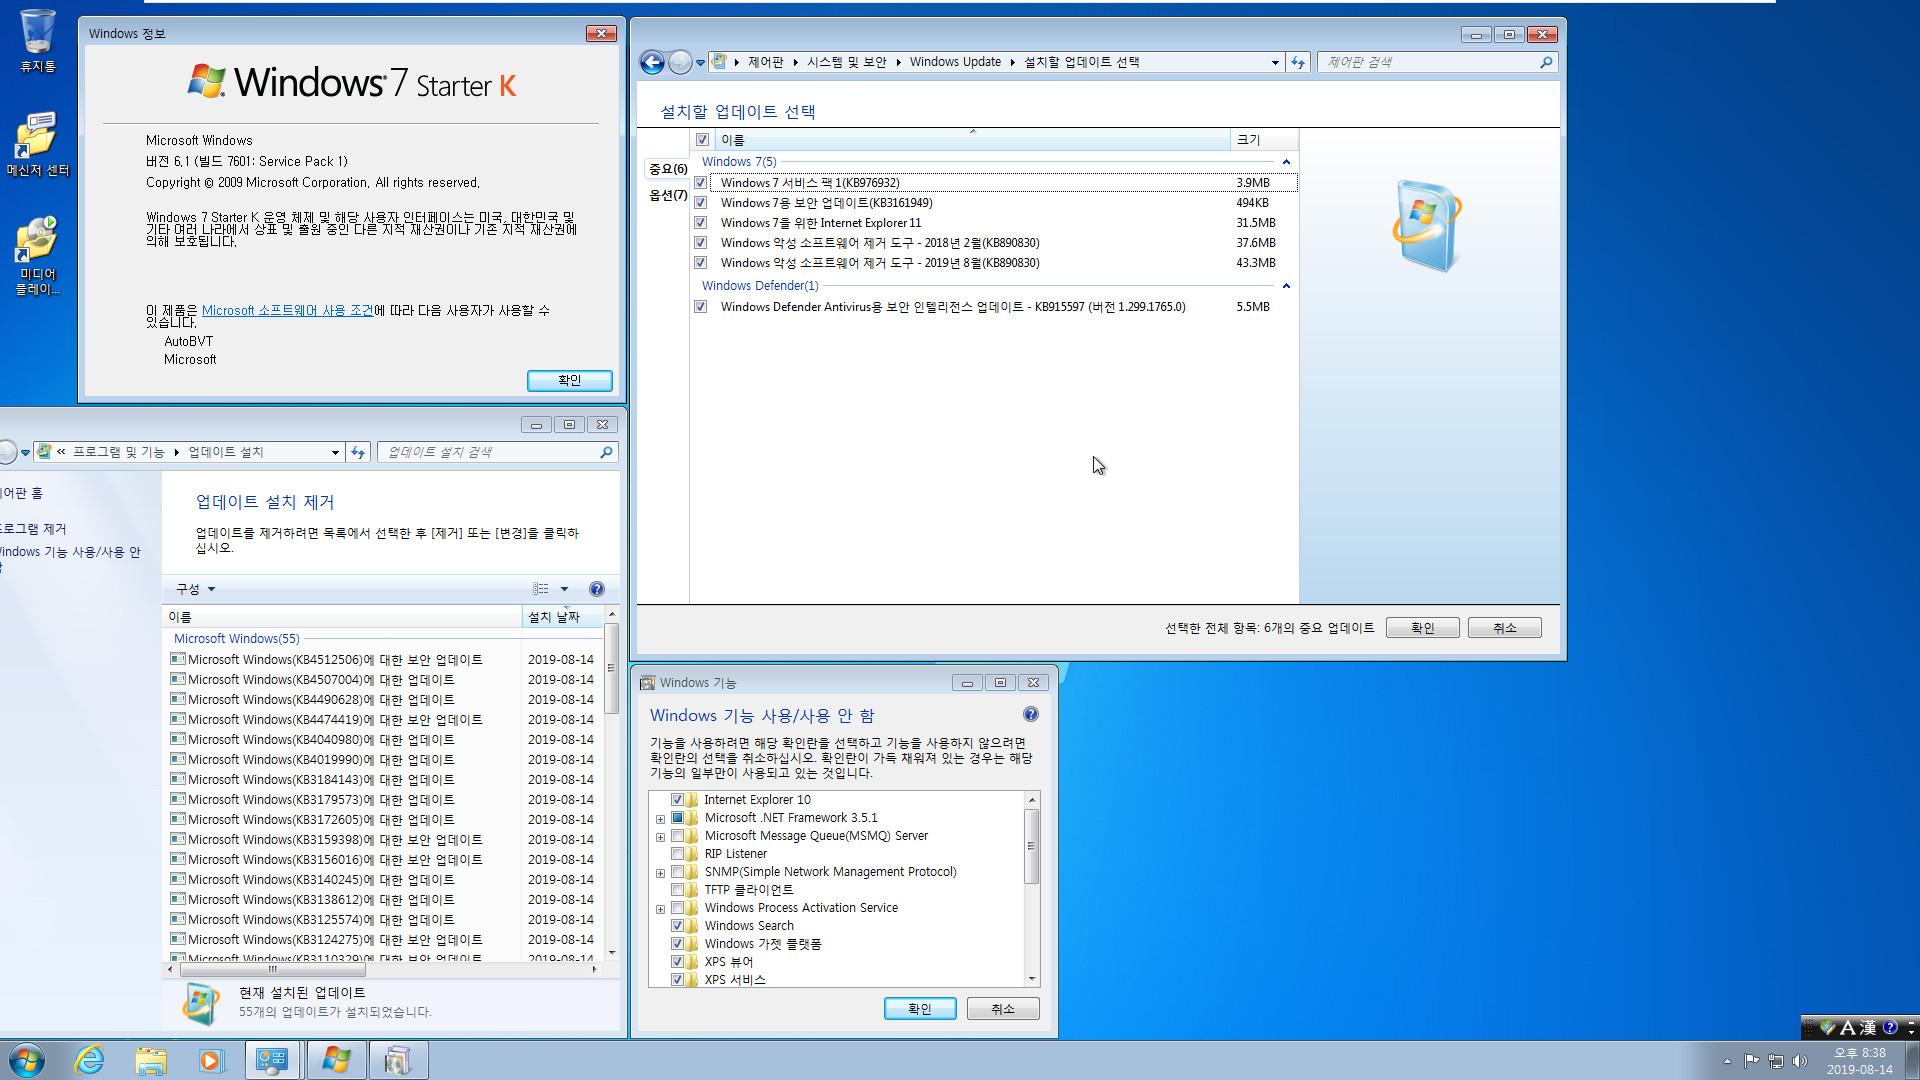 2019-08-14 정기 업데이트 나왔네요 -  Windows 7 롤업 업데이트 KB4512506 (OS 빌드 7601.24511) [2019-08-13 일자] IE10 통합중 입니다 - 통합 에러 생기네요 - dism++ 으로 간신히 롤업 업데이트 통합 성공했습니다 - 32비트 확인 2019-08-14_203820.jpg